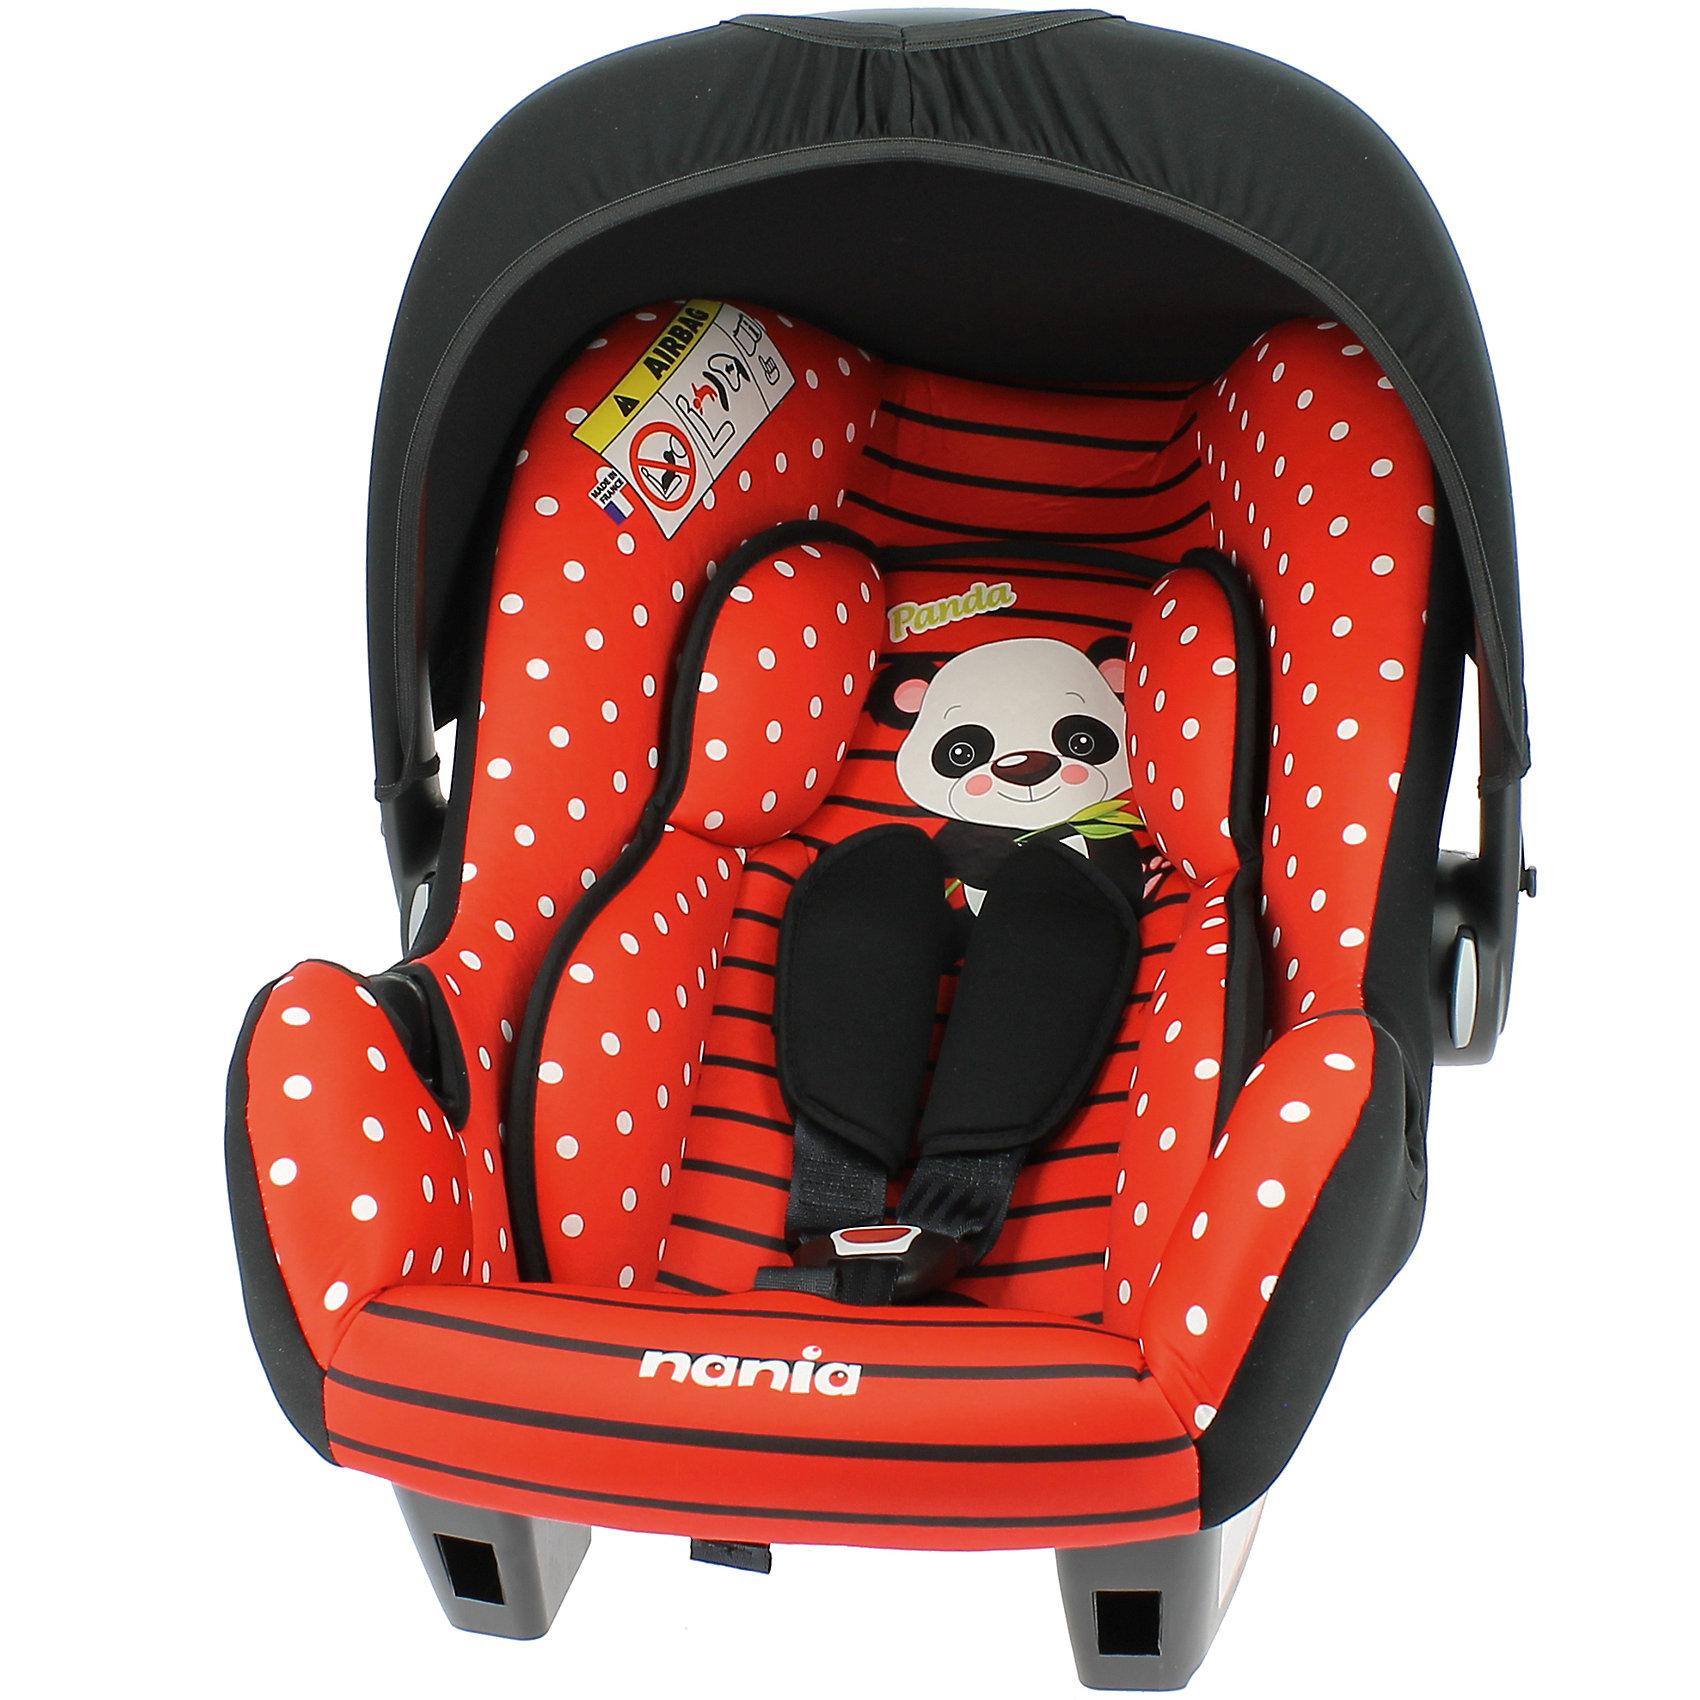 Автокресло Nania Beone SP 0-13 кг, panda redГруппа 0+ (До 13 кг)<br>Характеристики:<br><br>• группа: 0+;<br>• вес ребенка: до 13 кг;<br>• возраст ребенка: от рождения до 15 месяцев;<br>• способ установки: против хода движения;<br>• способ крепления: штатный ремень безопасности автомобиля;<br>• глубокая кресельная чаша;<br>• 3-х точечные ремни безопасности регулируются по длине и высоте;<br>• анатомический вкладыш для новорожденных;<br>• защитный капор от солнечных лучей;<br>• капор можно снять полностью;<br>• ручка для переноски автолюльки;<br>• функция качалки: автокресло раскачивается на ровной поверхности;<br>• материал: пластик, полиэстер;<br>• размеры автокресла: 70х47х40 см;<br>• размер сиденья: 32х30 см;<br>• вес автокресла: 2,9 кг;<br>• стандарт безопасности: ECE R44/04.<br><br>Автокресло Beone SP, 0-13 кг, Nania, panda red можно купить в нашем интернет-магазине.<br><br>Ширина мм: 390<br>Глубина мм: 720<br>Высота мм: 400<br>Вес г: 2970<br>Возраст от месяцев: 0<br>Возраст до месяцев: 8<br>Пол: Унисекс<br>Возраст: Детский<br>SKU: 5569334